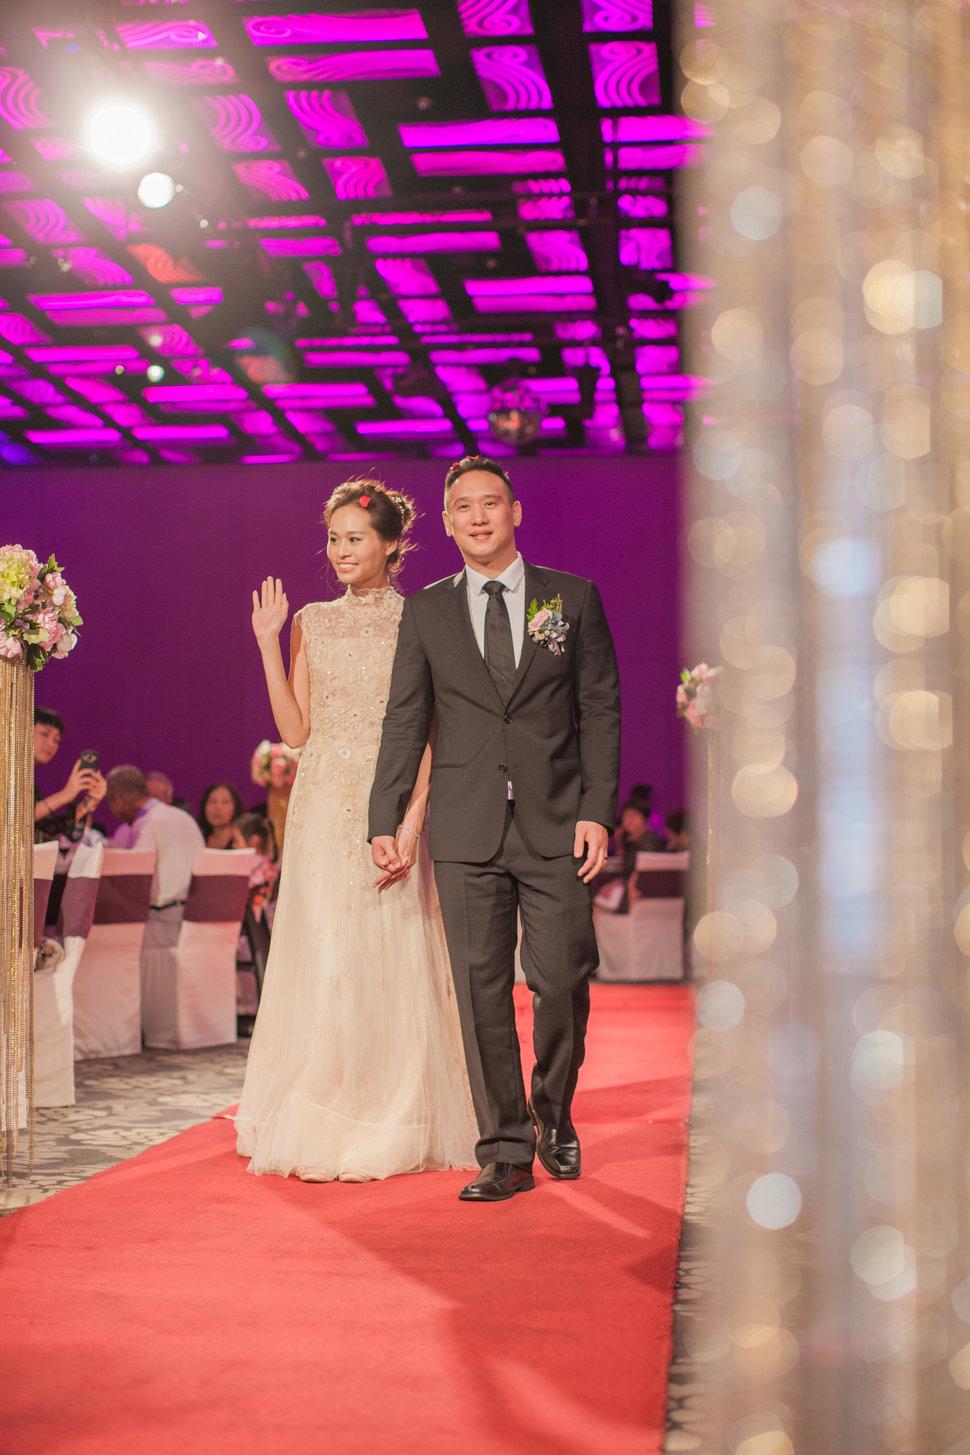 3g8y3725_38186978366_o - Leo影像 - 結婚吧